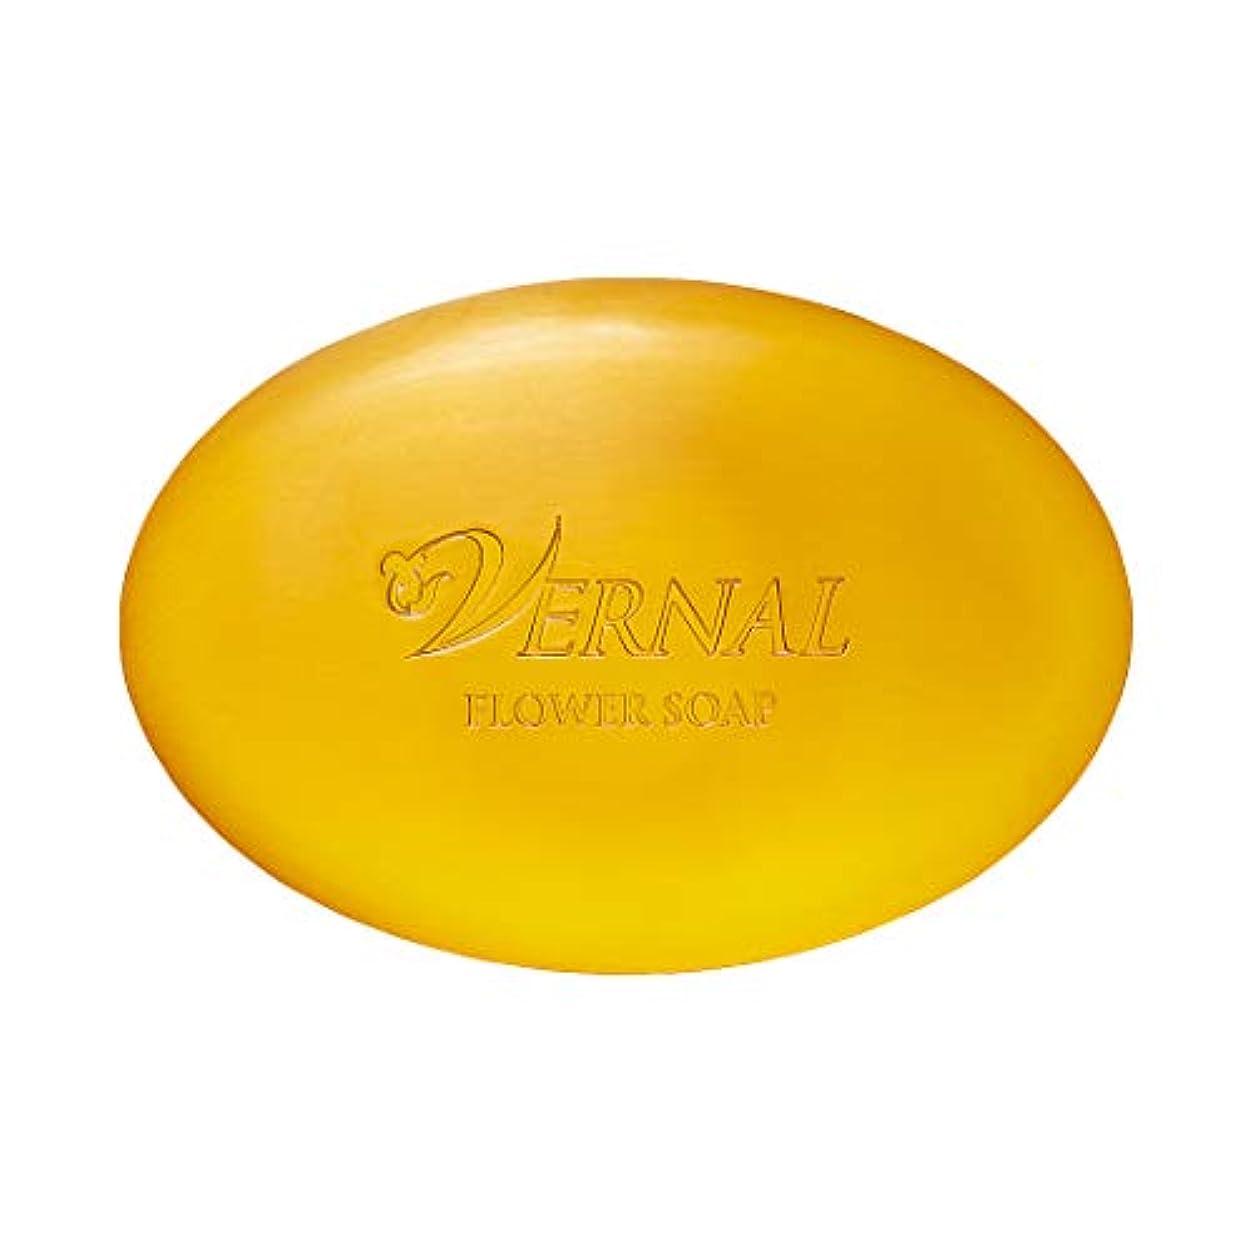 賞賛サリーヘルメットフラワーソープ110g ヴァーナル 洗顔石鹸 オーガニック 仕上げ用